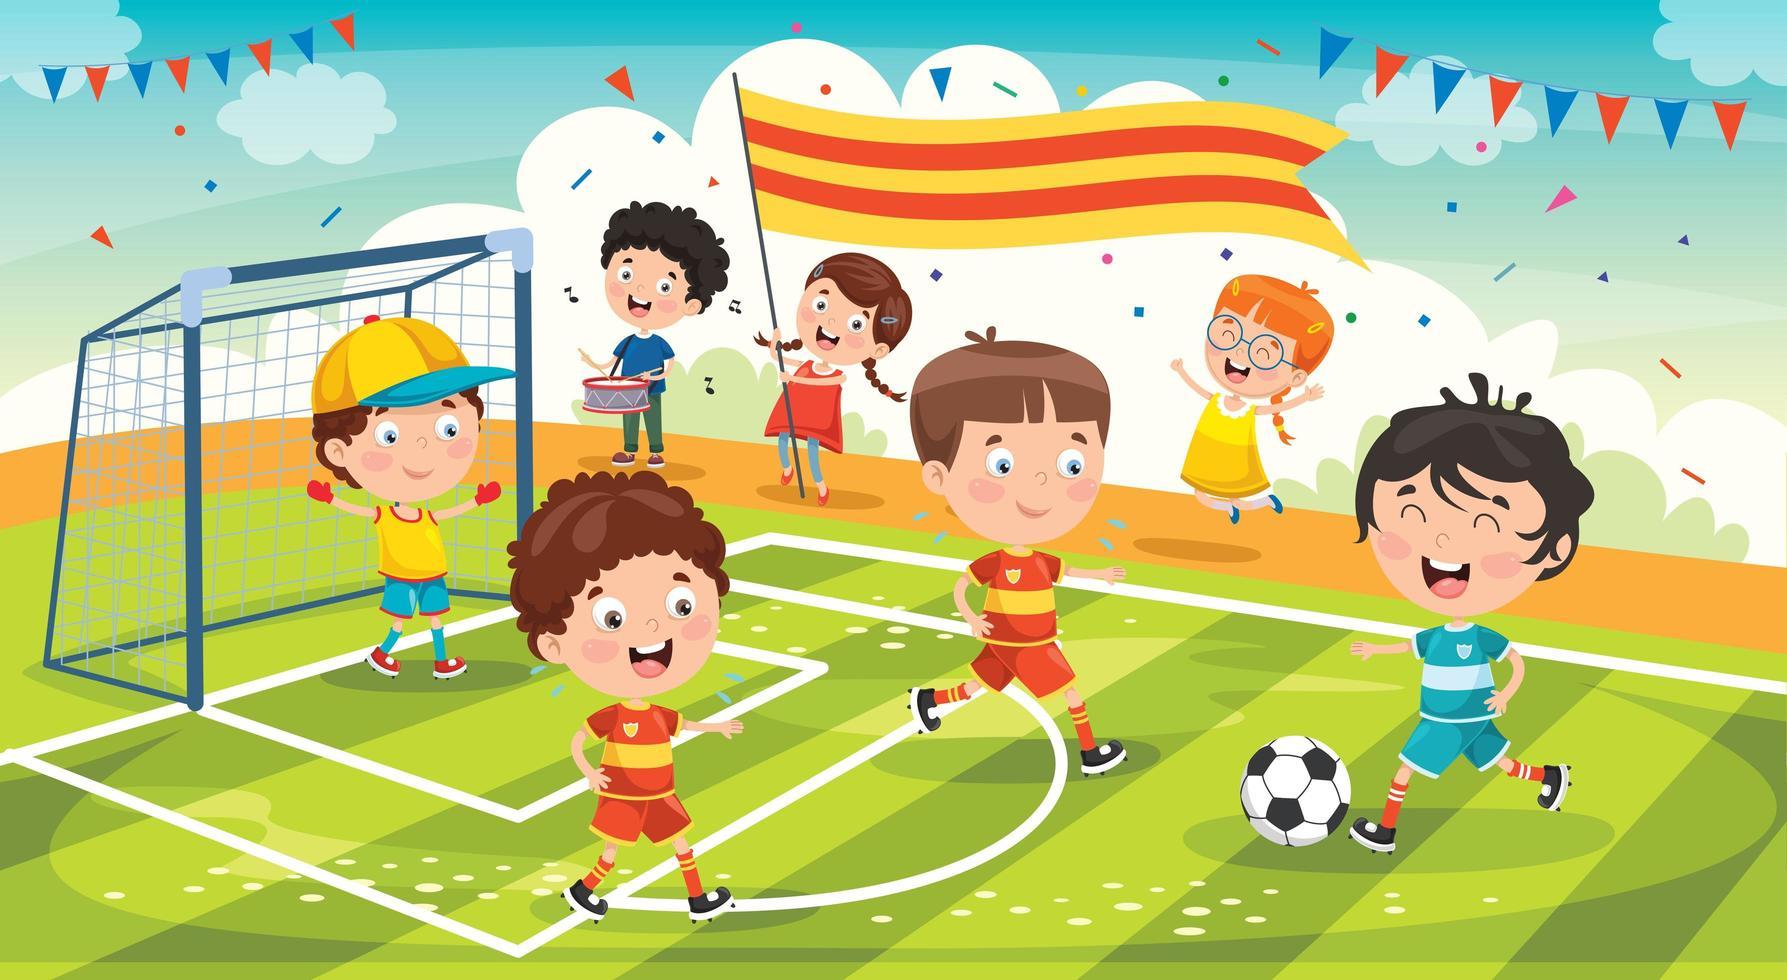 kleine Kinder feiern Meisterschaftsgewinn vektor